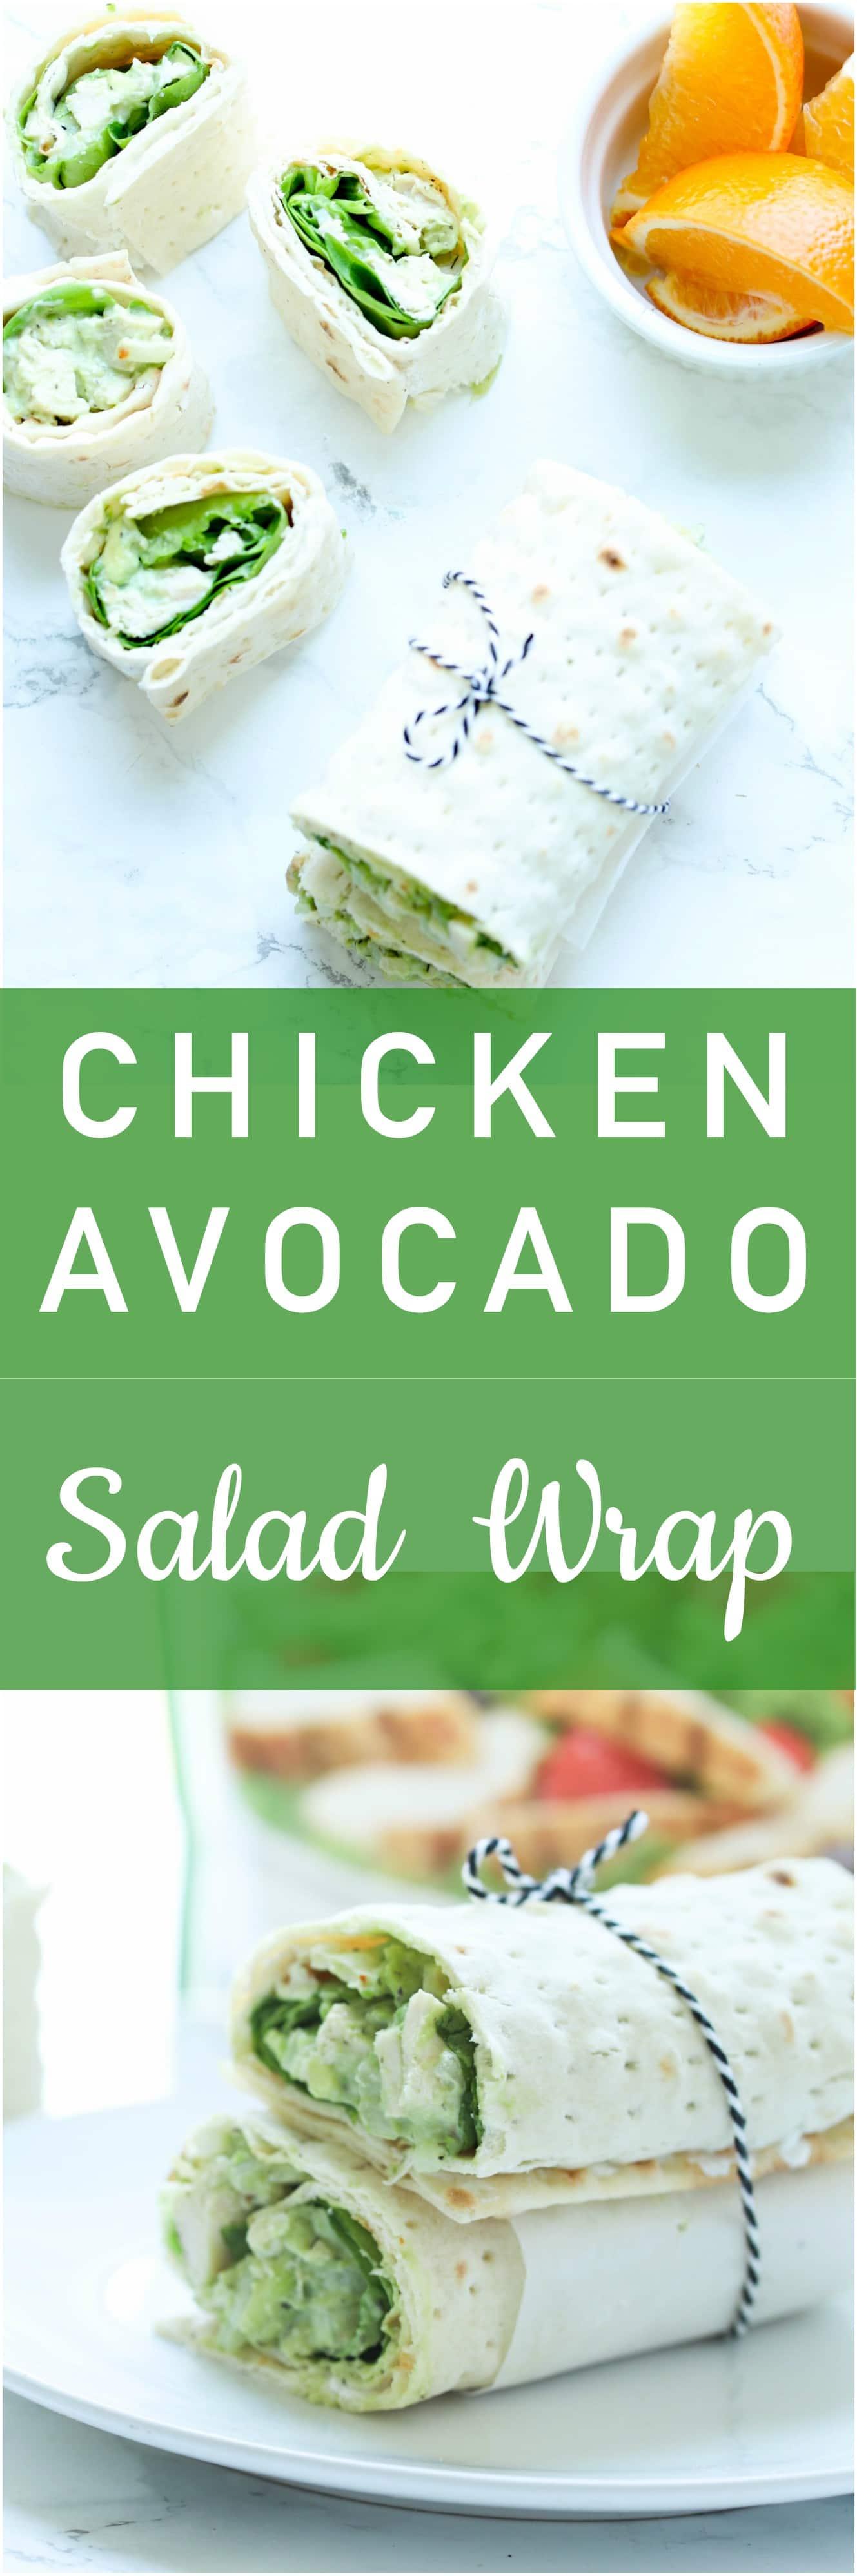 Chicken Avocado Salad Wrap Lunch